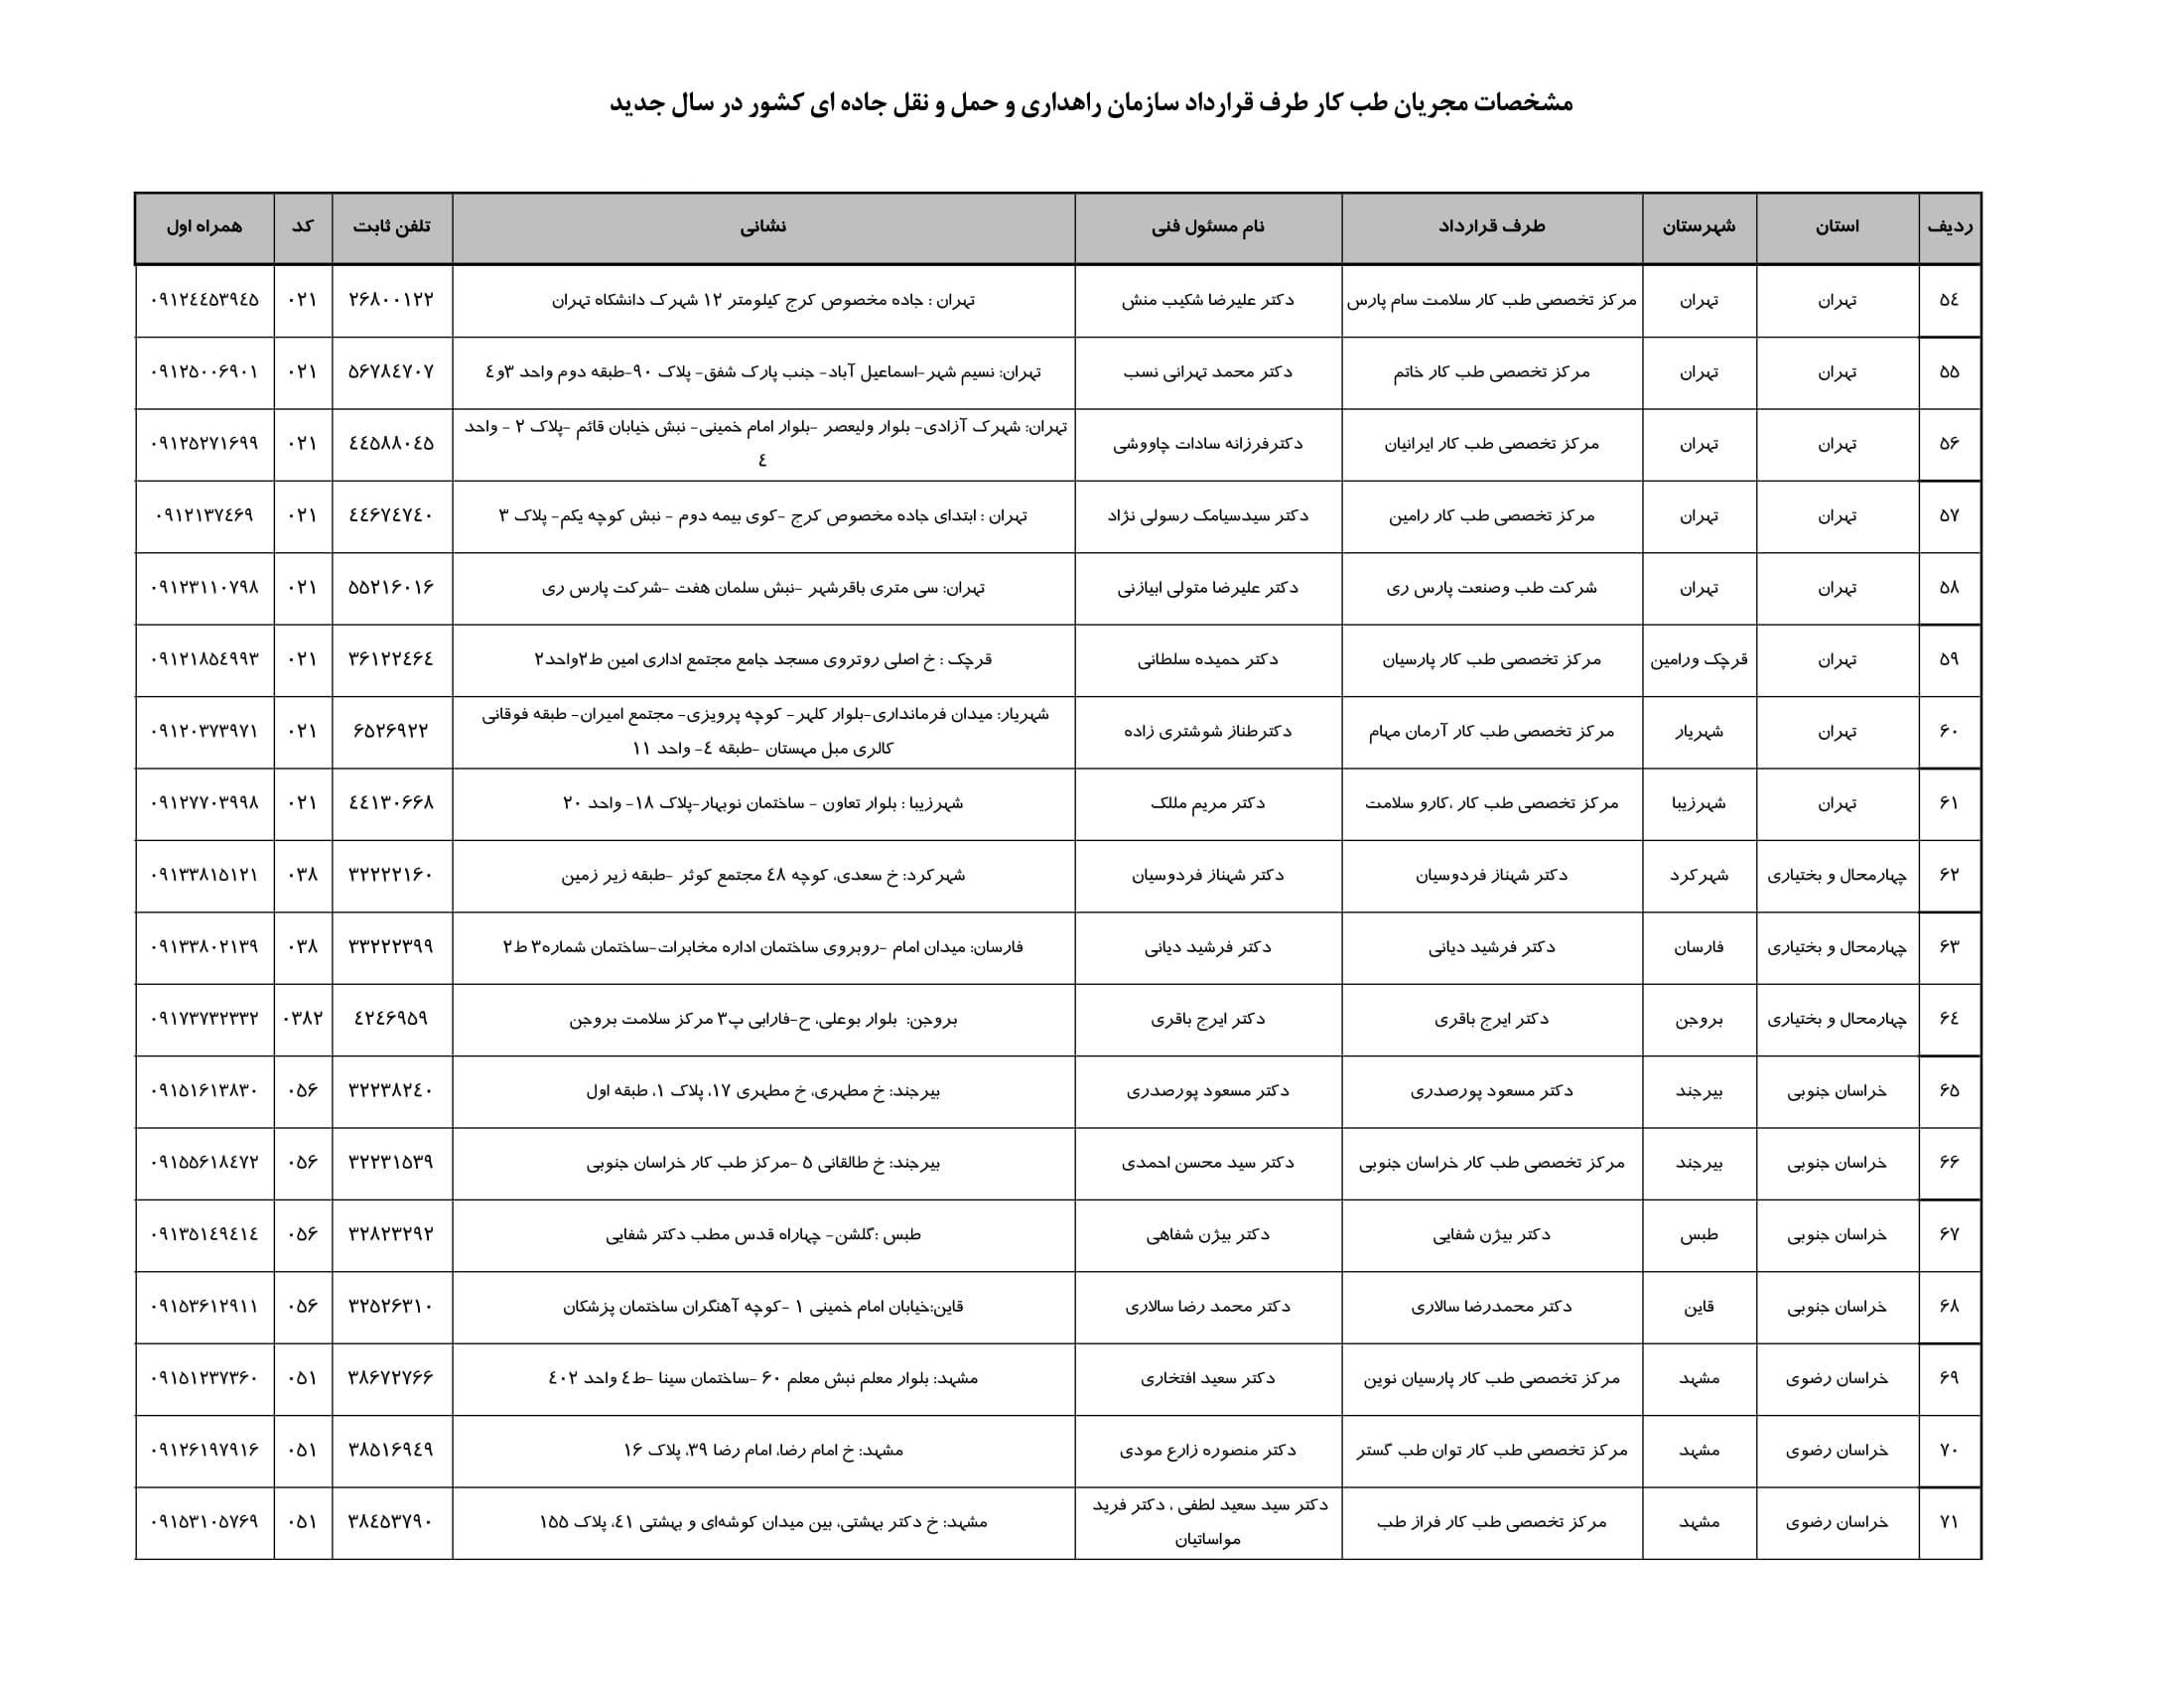 مراکز طب کار ایران